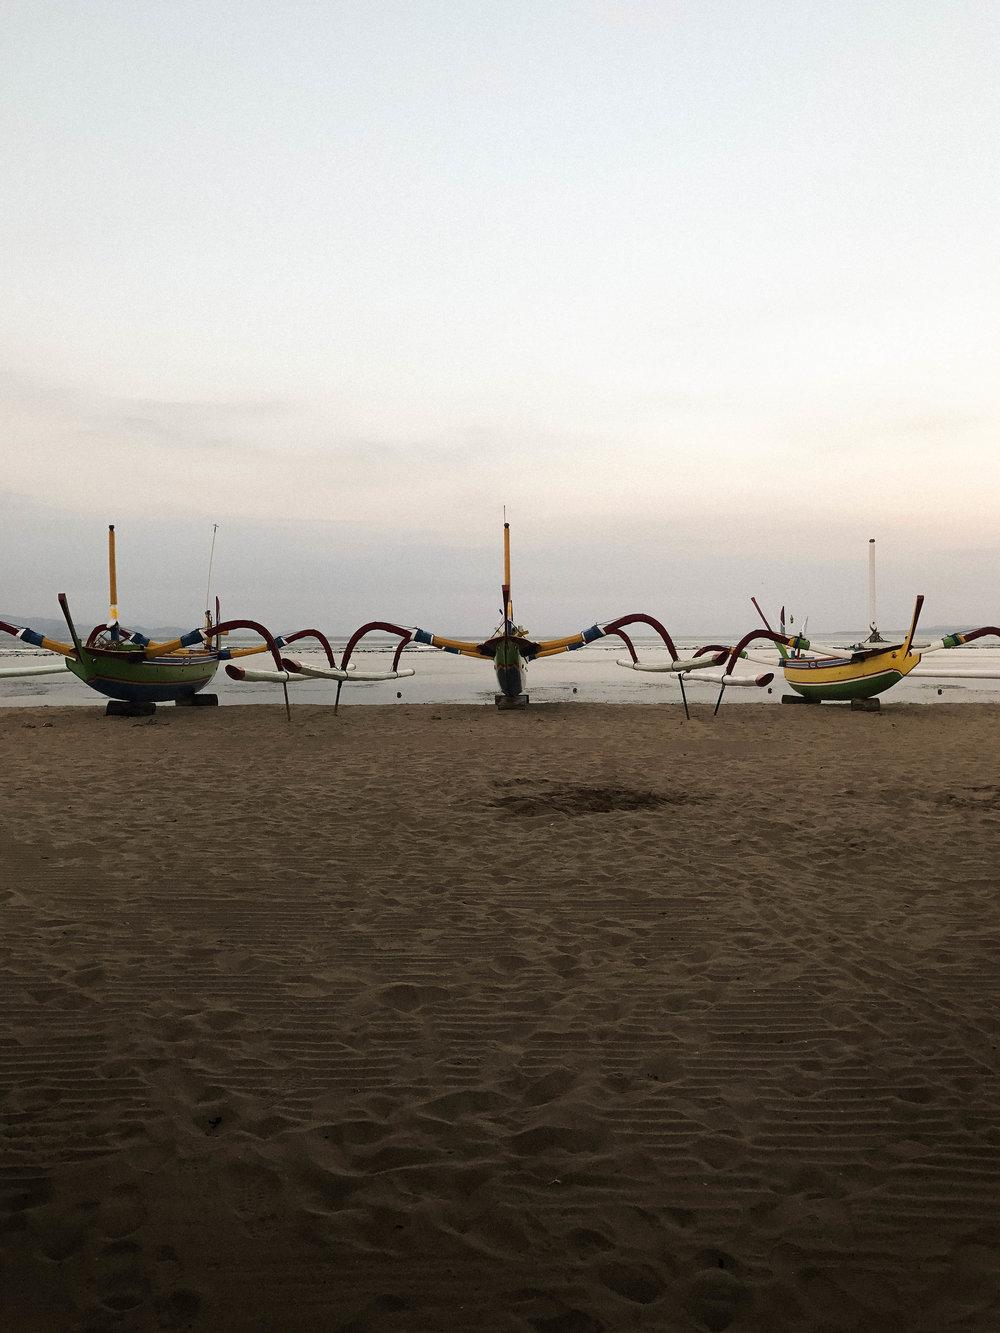 Sanur Beach in Bali, Indonesia